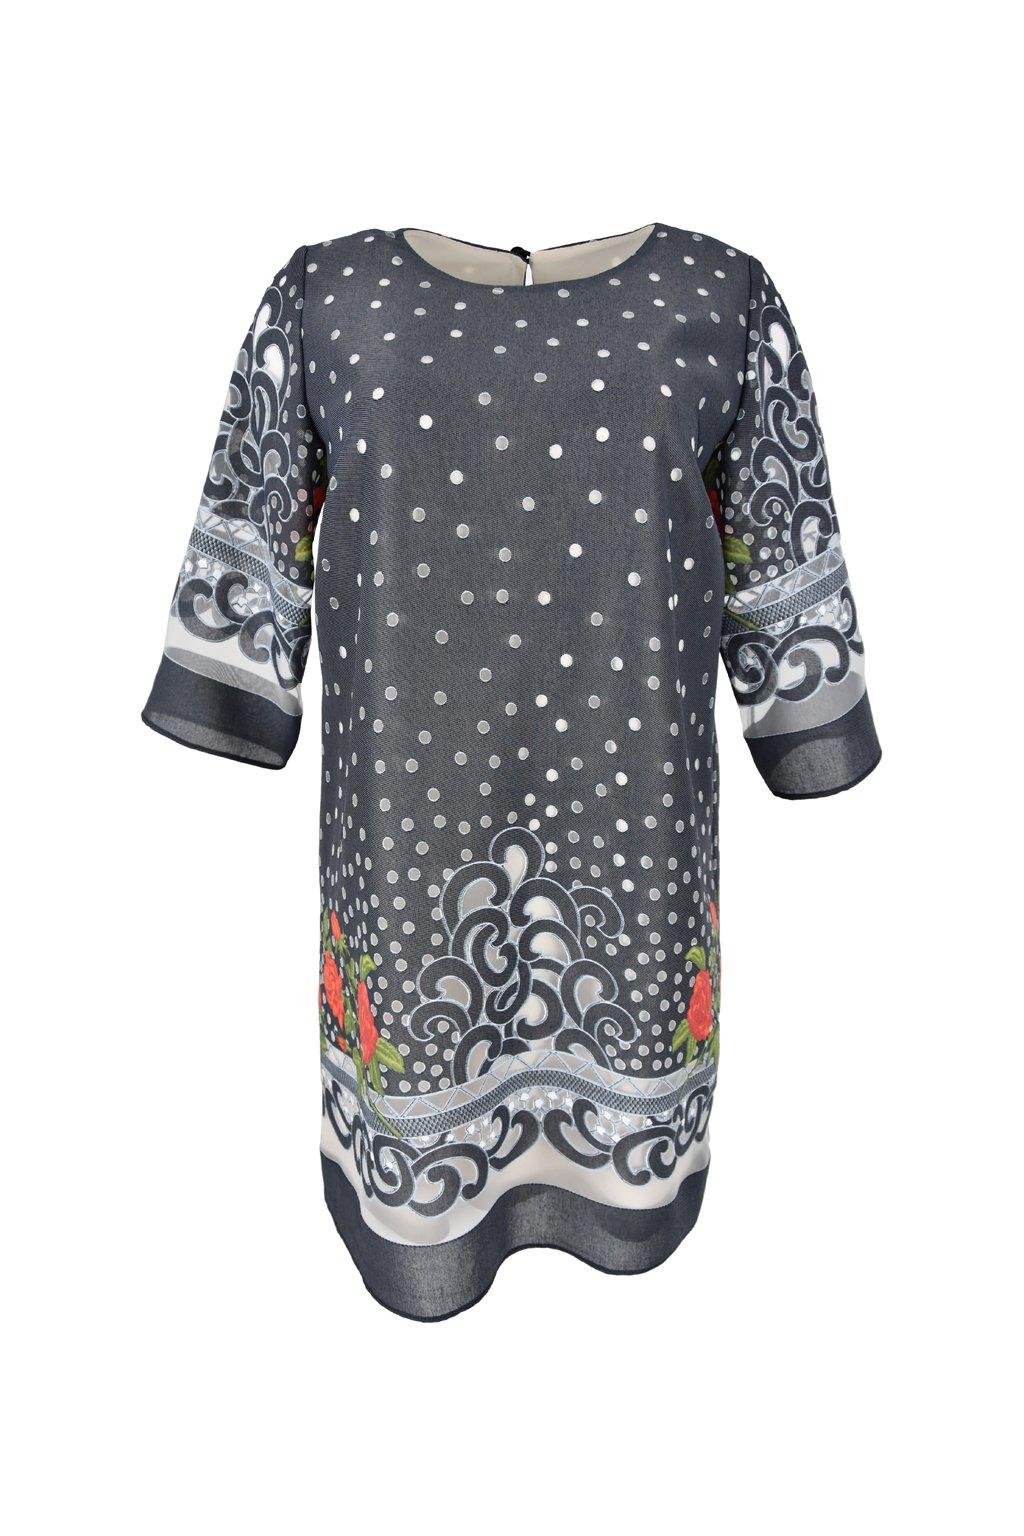 5ec59923d278 Výpredaj dámskeho oblečenia 2017